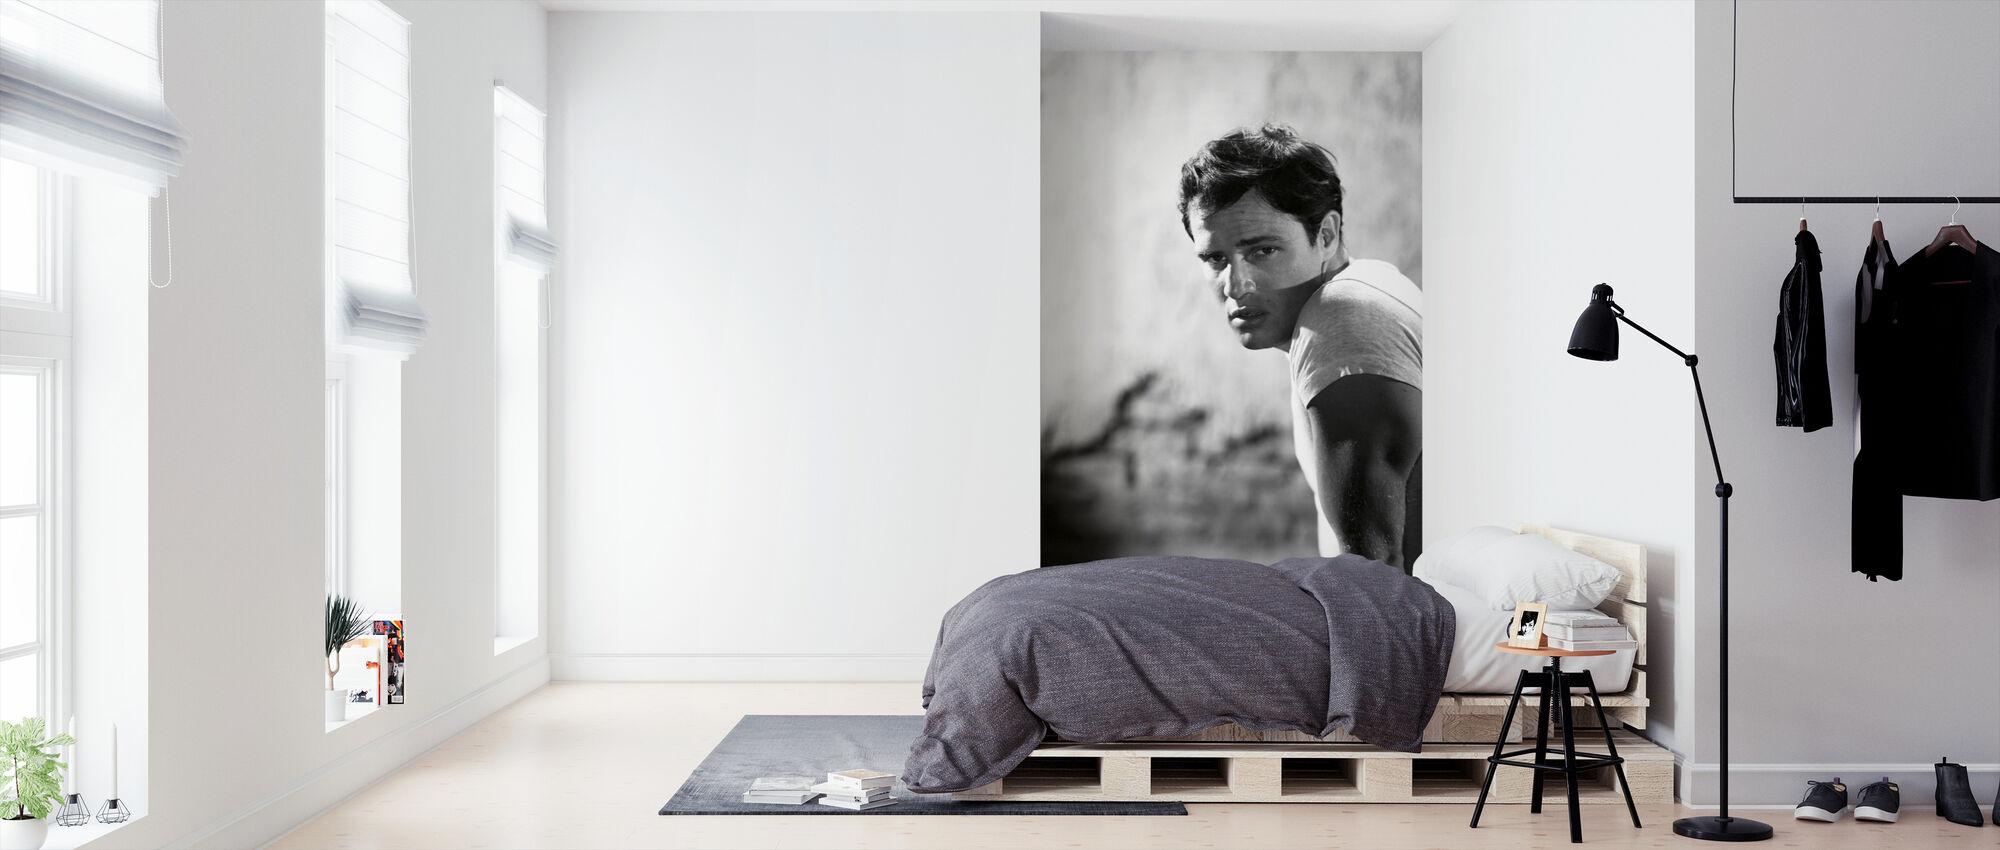 Marlon Brando i en sporvogn som heter Desire - Tapet - Soverom